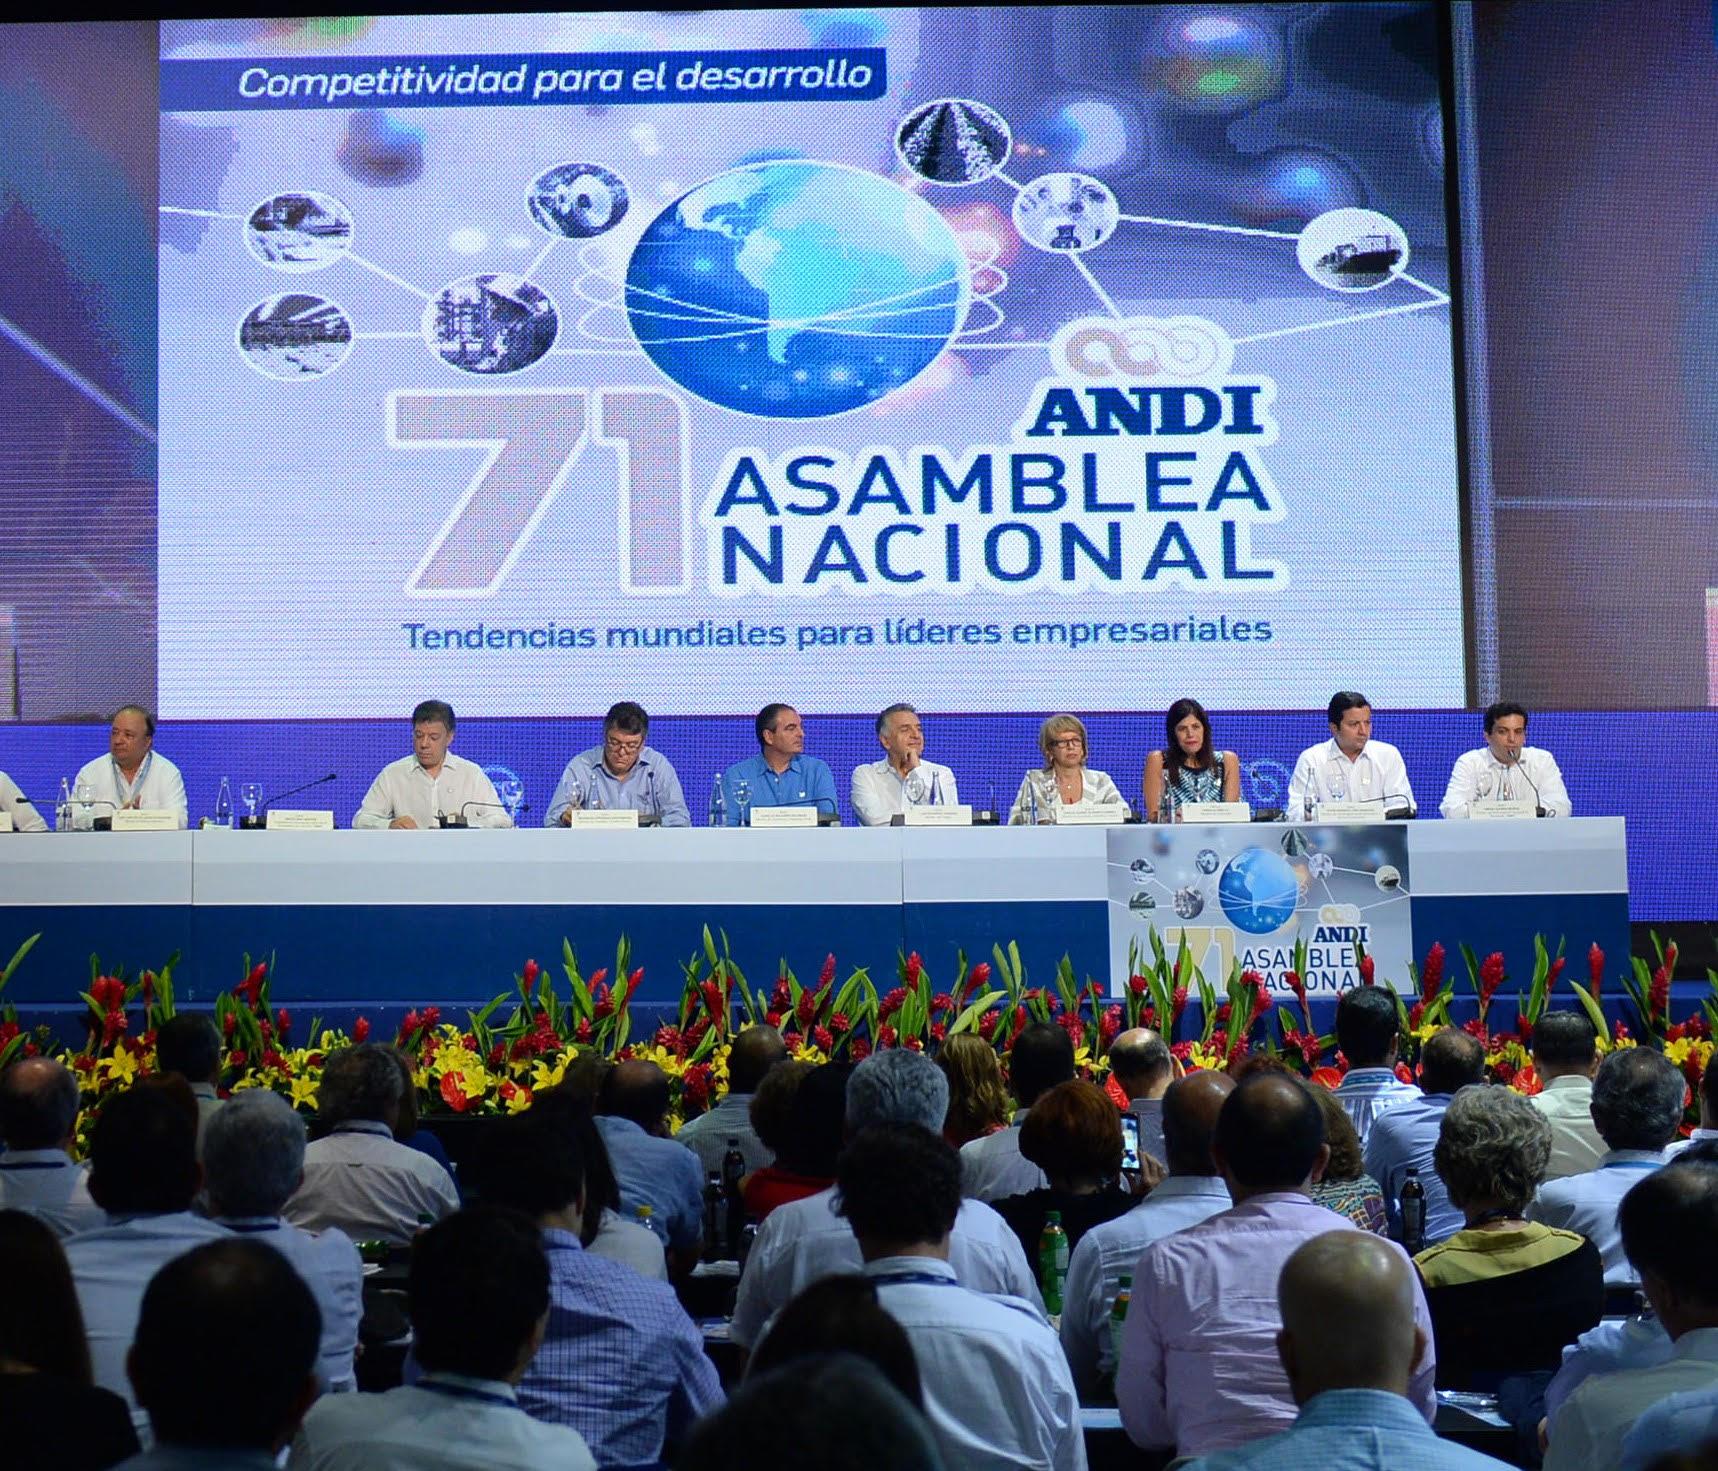 Asamblea Andi 2015